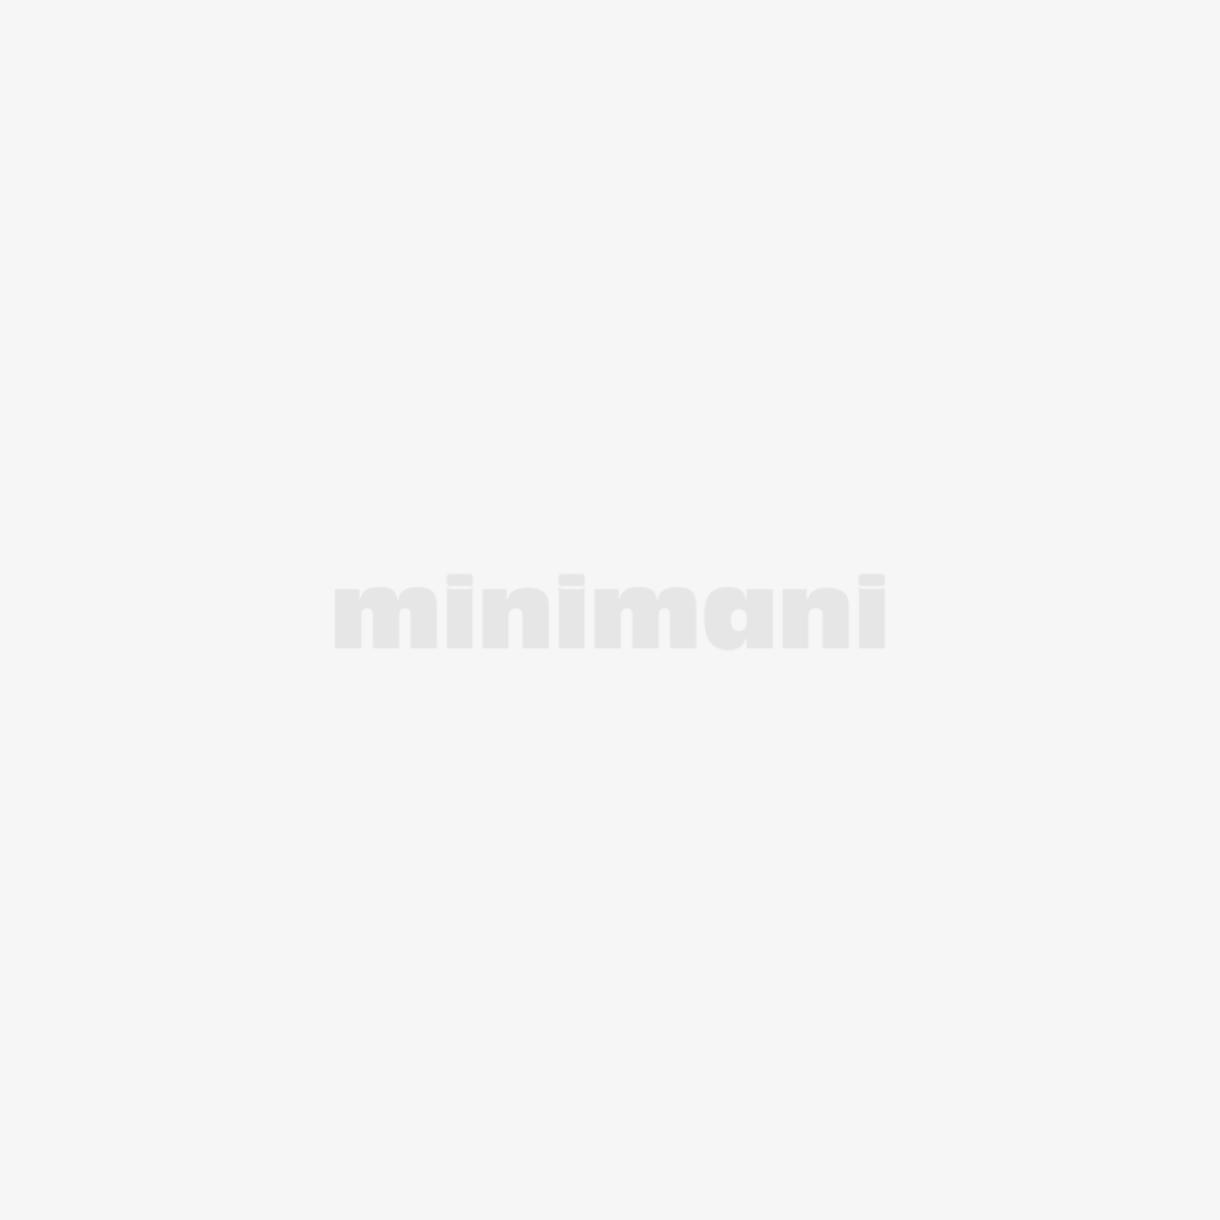 PHILIPS HR1916/70 MEHULINKO 900W